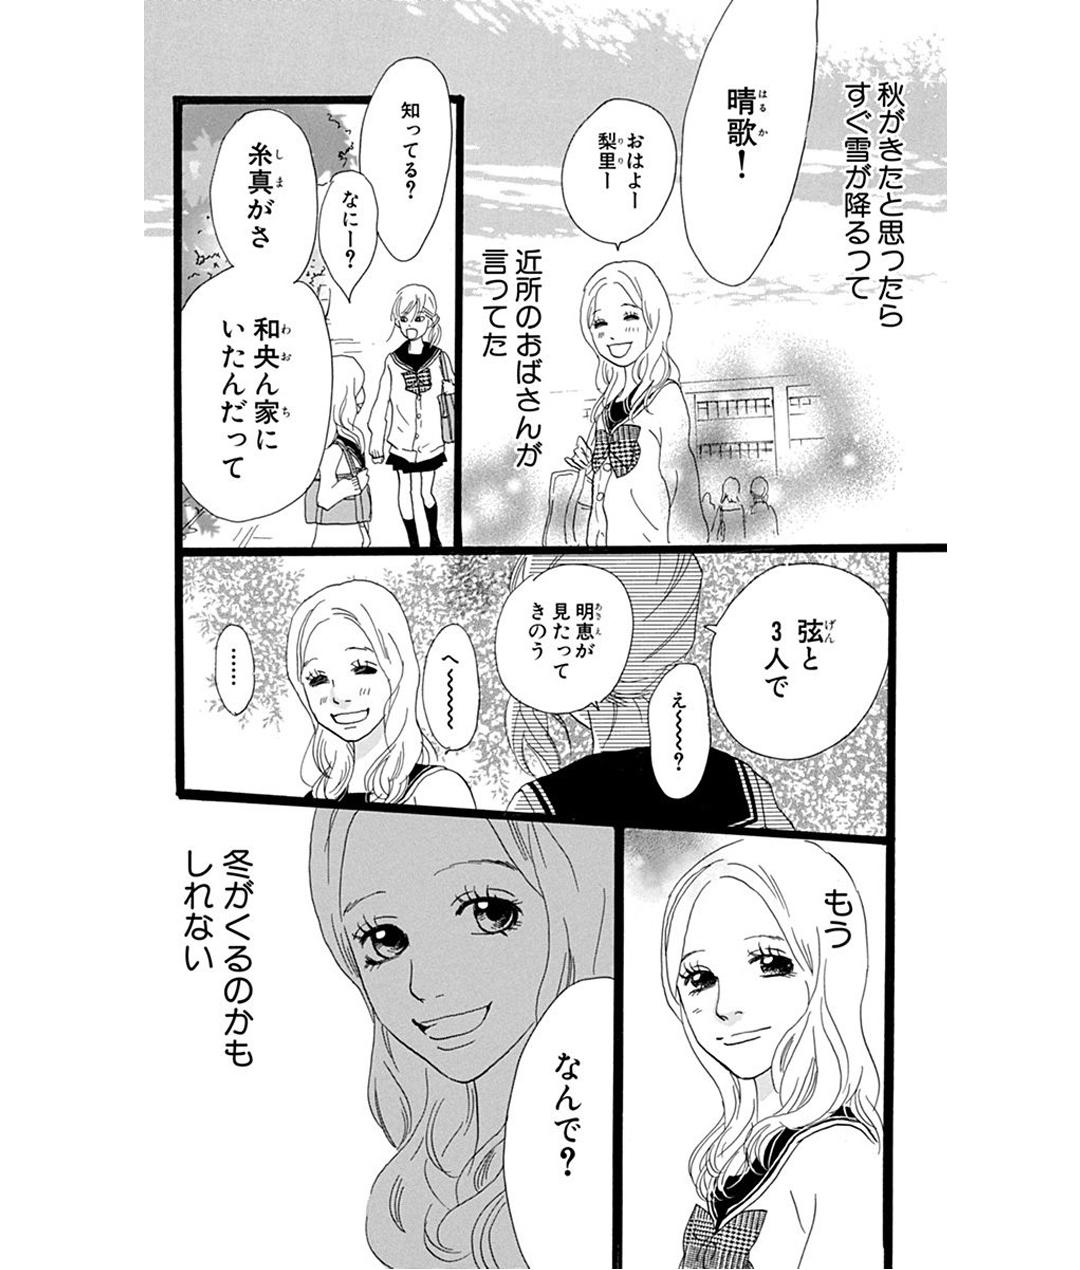 プリンシパル 第1話 試し読み_1_1-62